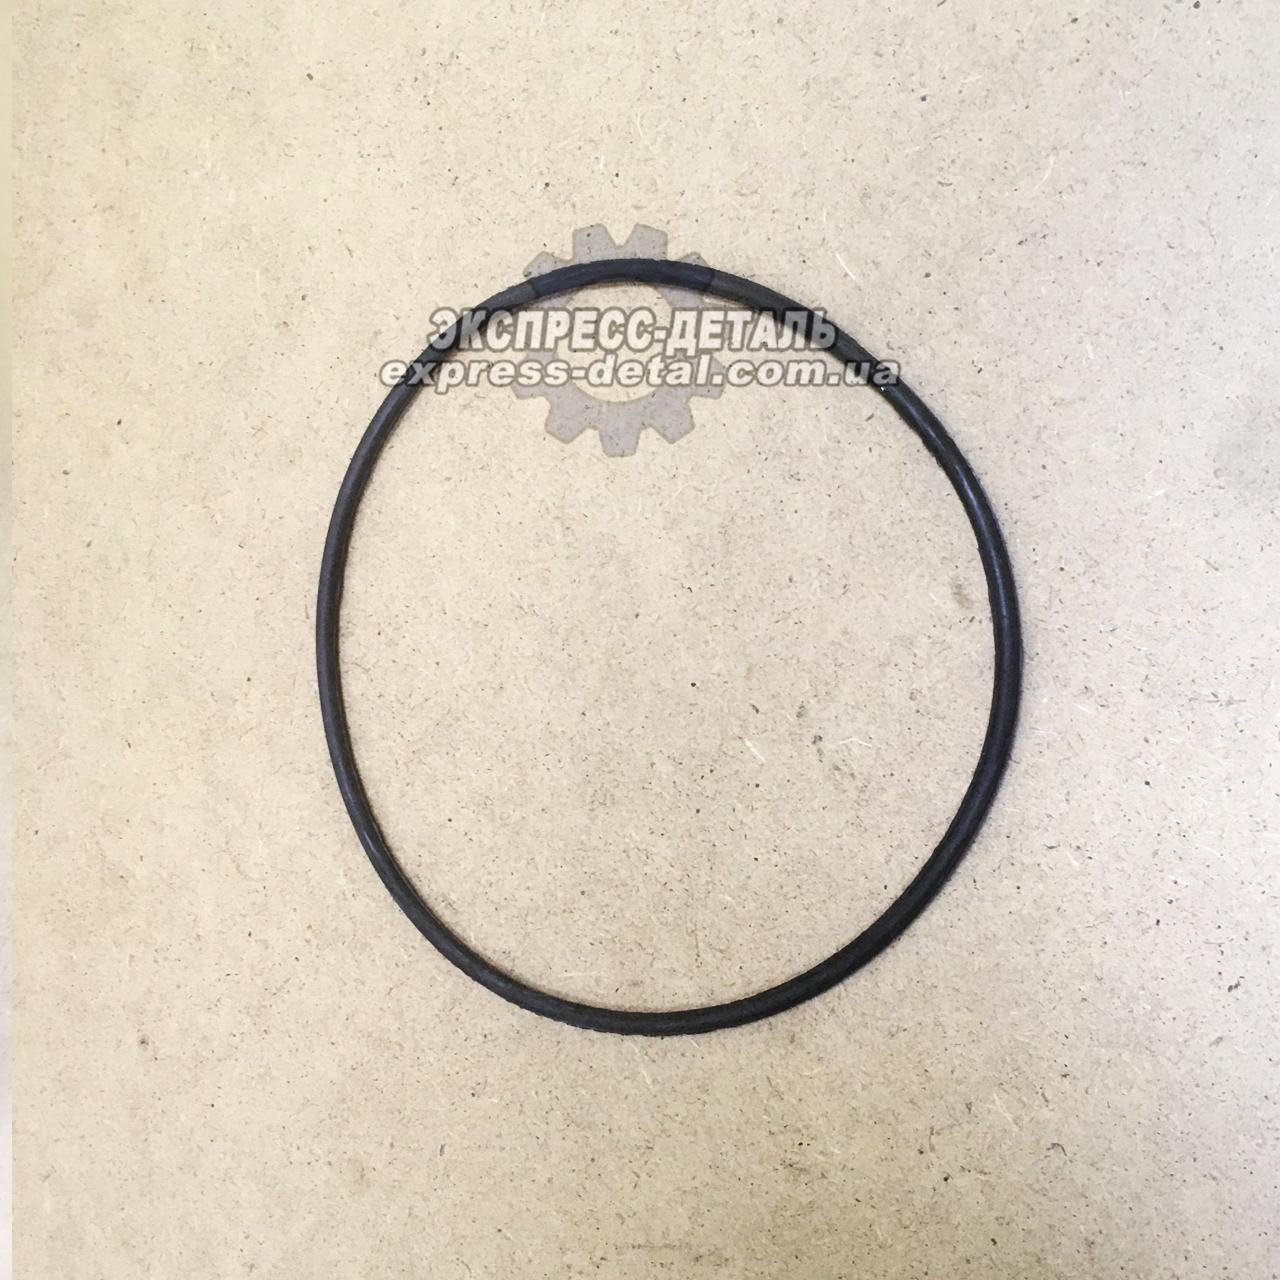 Кольцо уплотнительное заднего моста ЮМЗ (ф180*5)  36-2403054